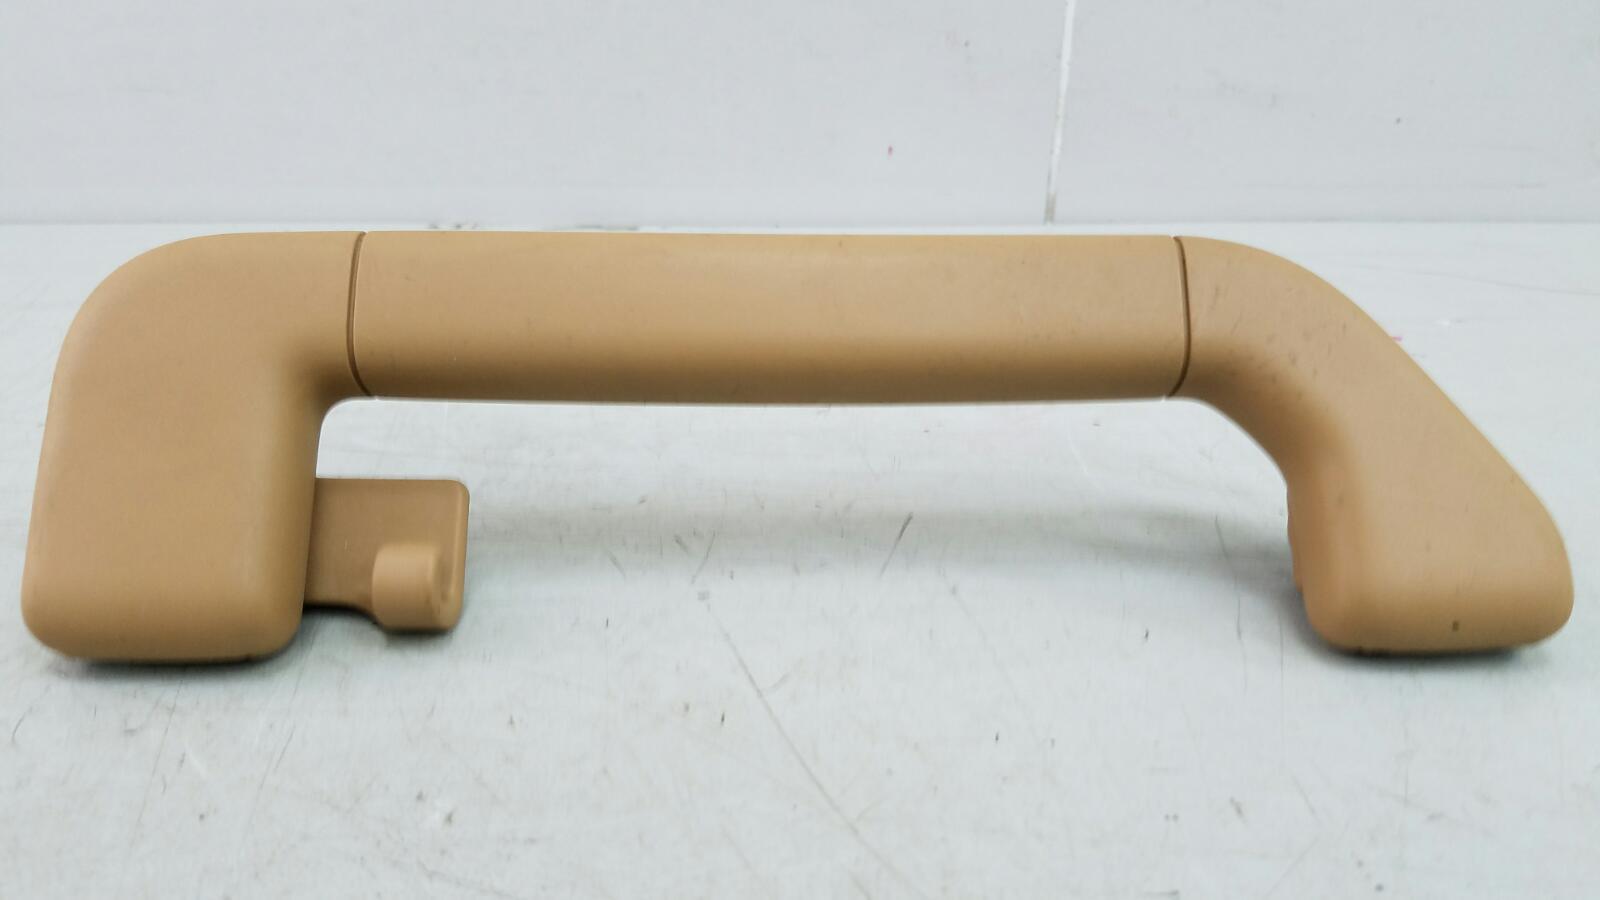 Ручка потолка Porshe Cayenne 955 BMV M02.2Y 3.2Л 2005 задняя левая